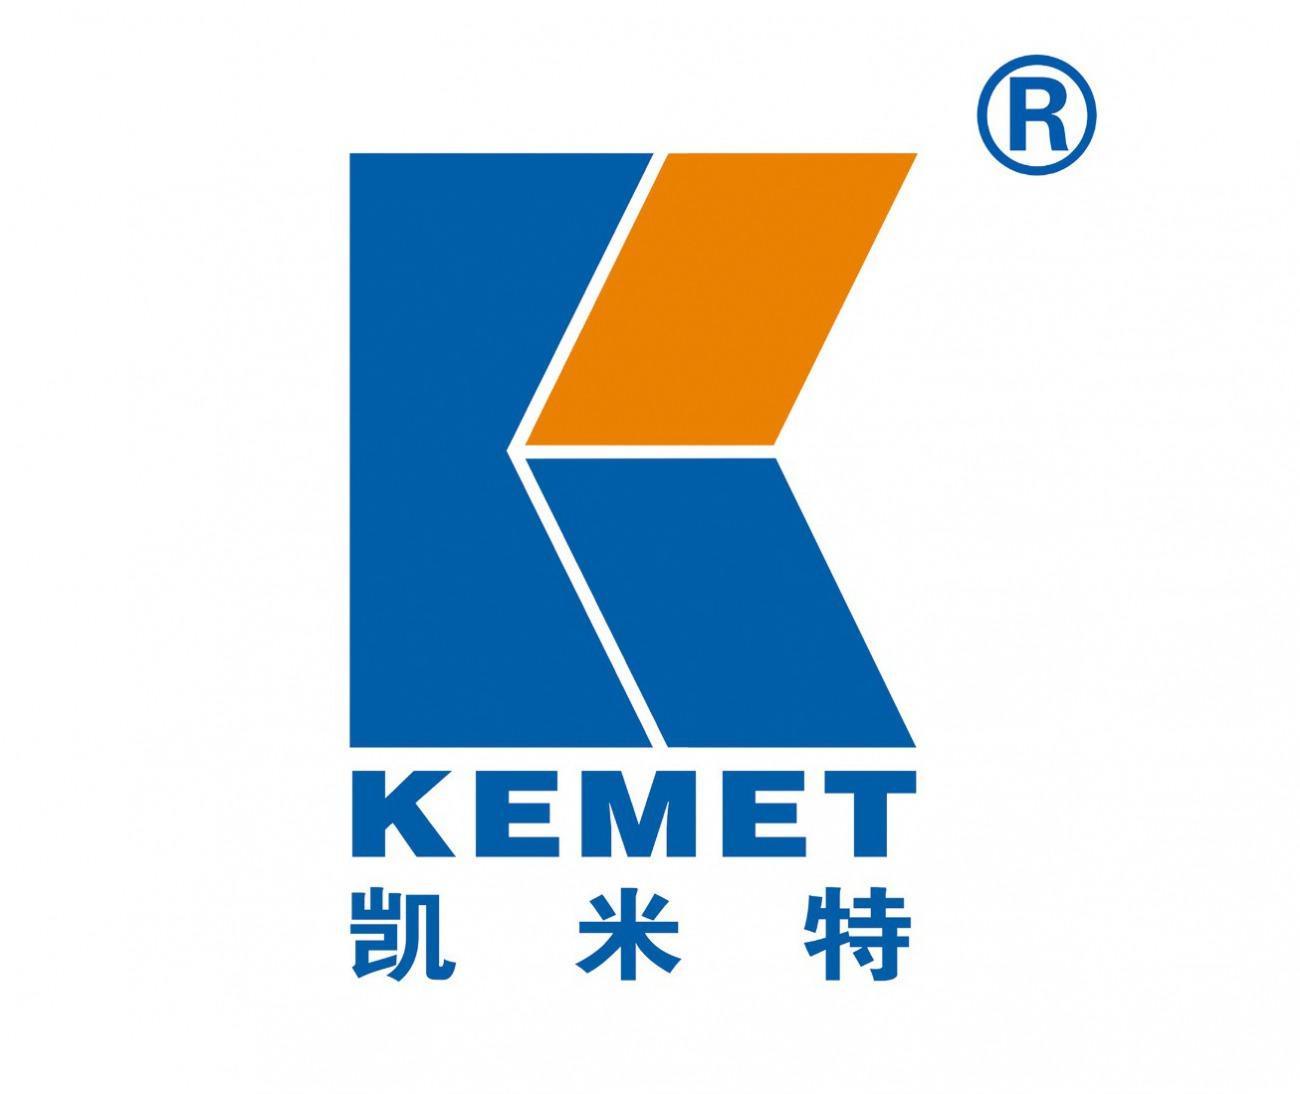 凱米特新材料科技有限公司